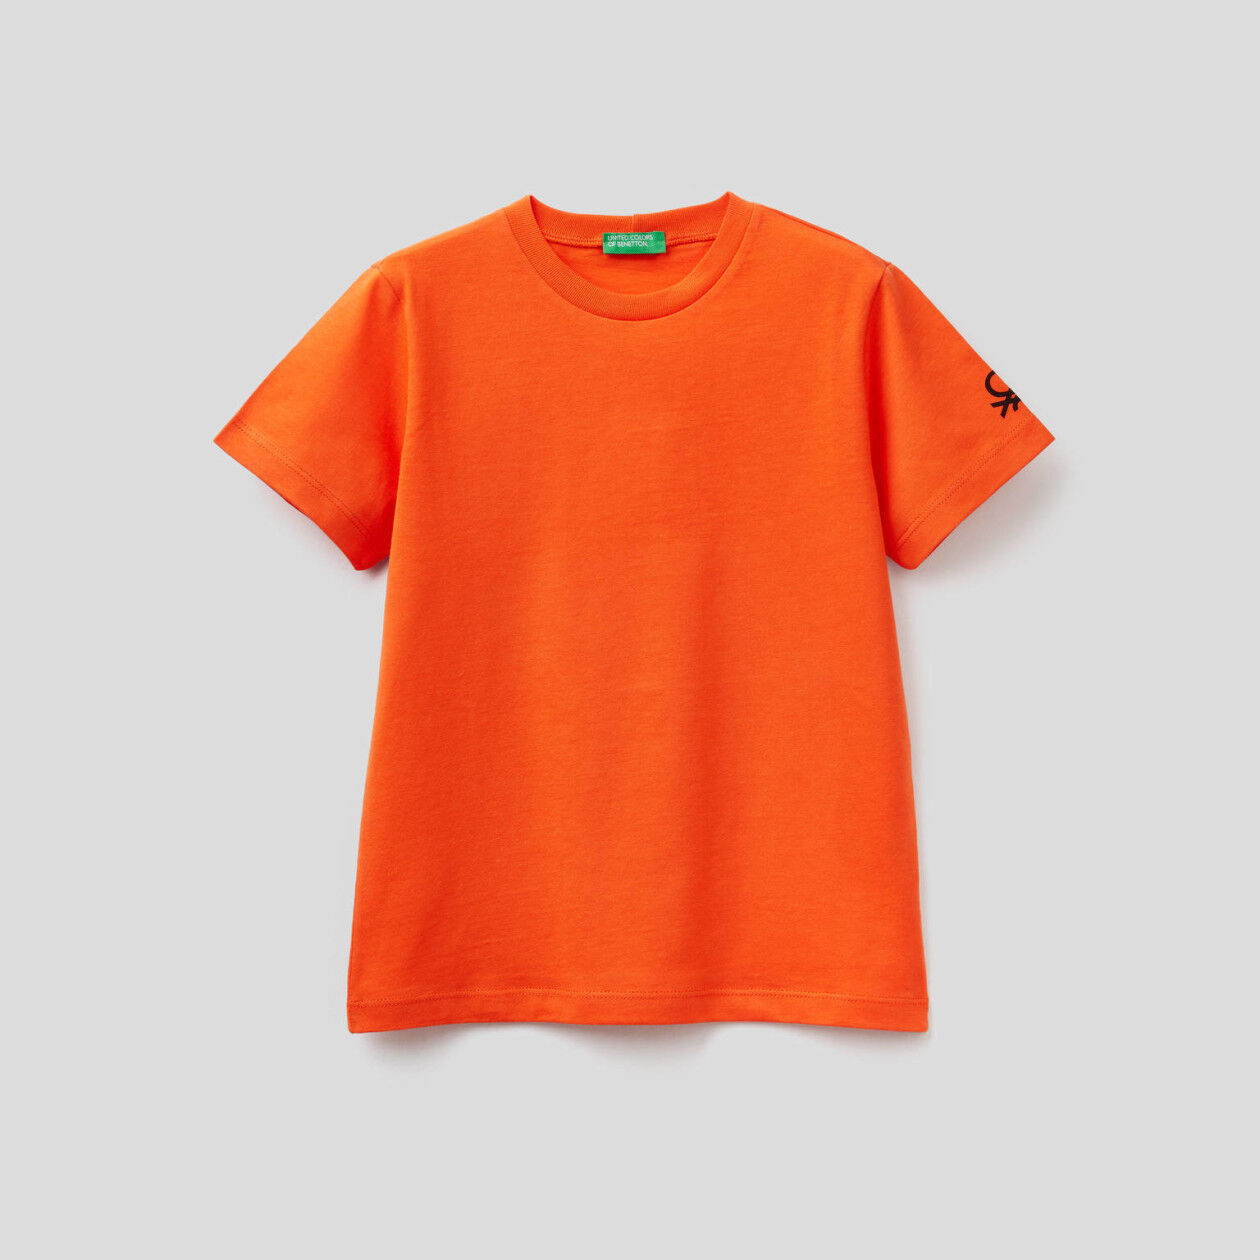 T-shirt em algodão orgânico com estampa logo